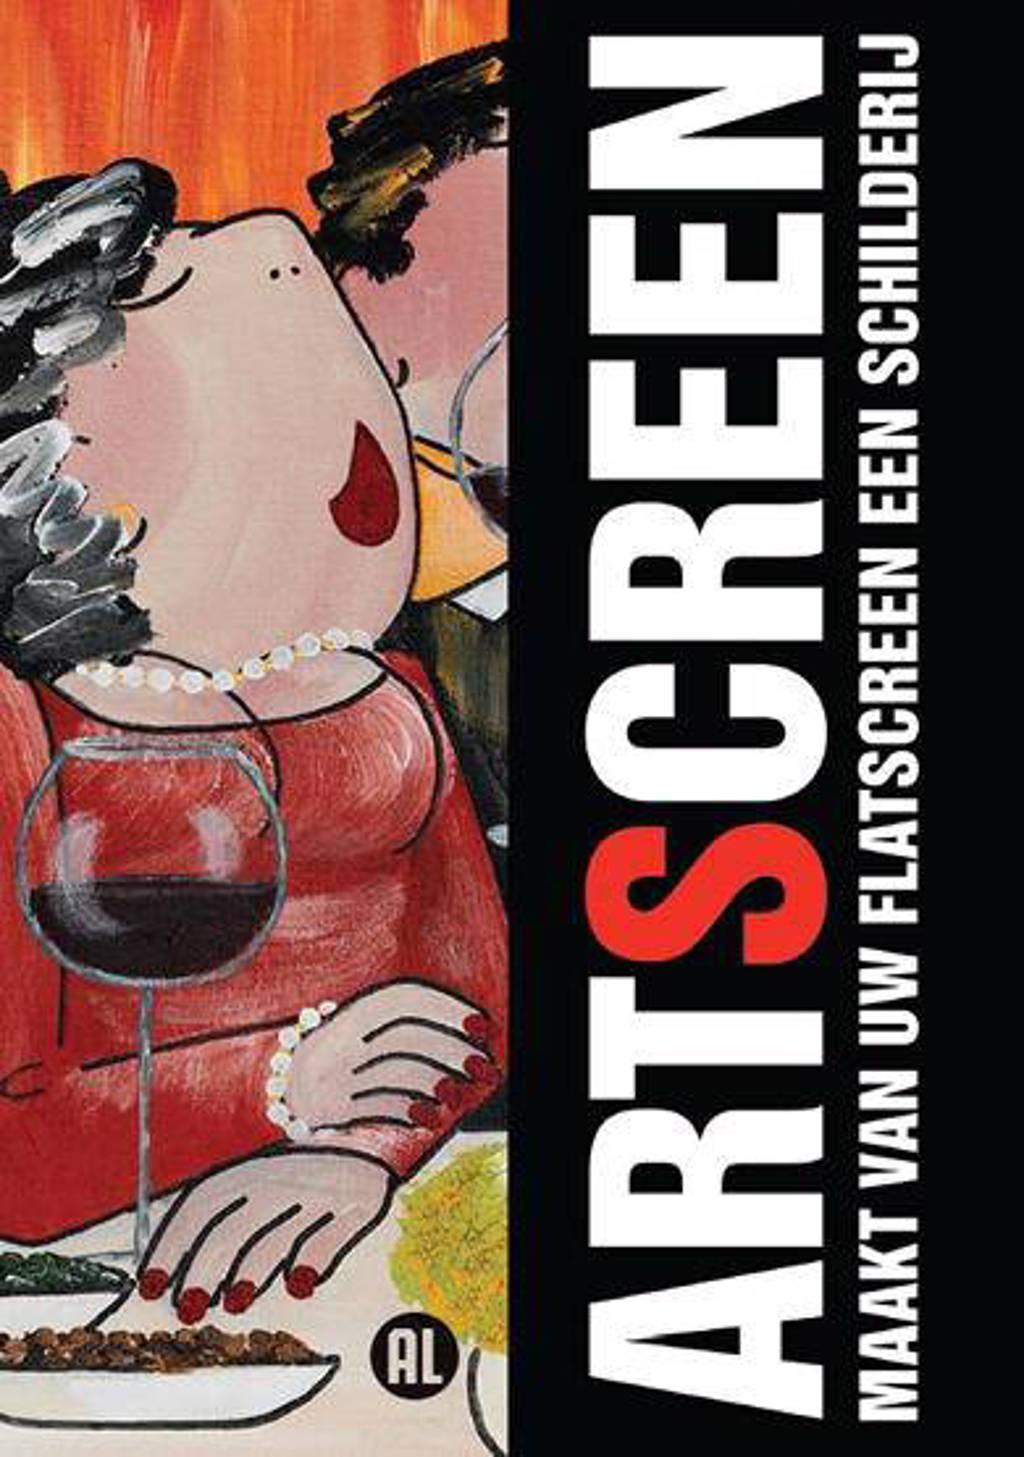 Artscreen - Schilderij op je flatscreen (DVD)